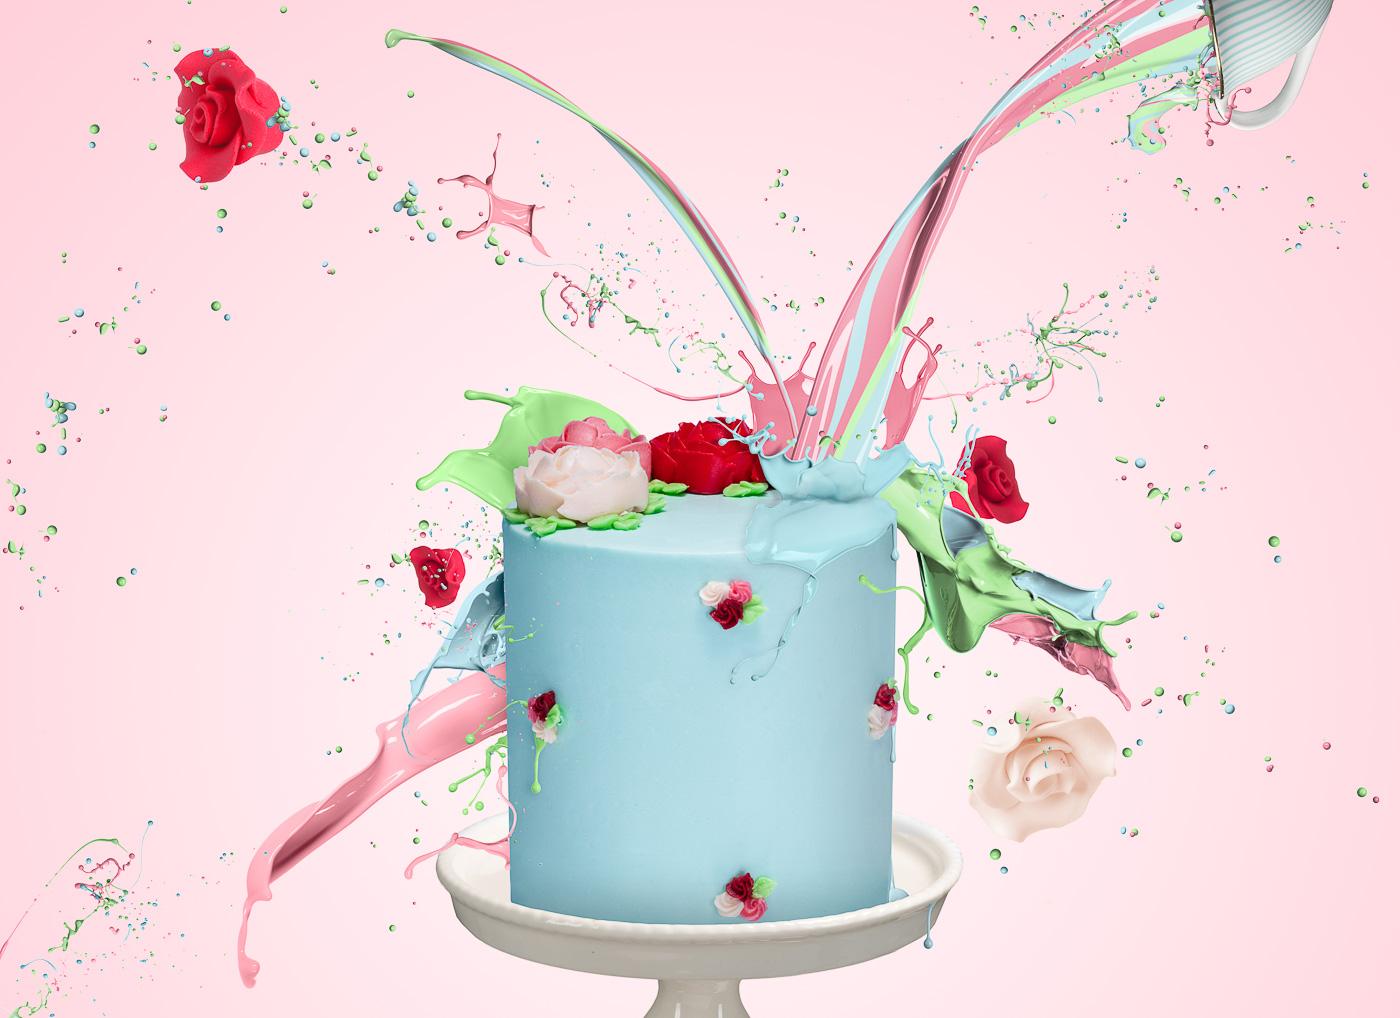 Icing Cake Splash